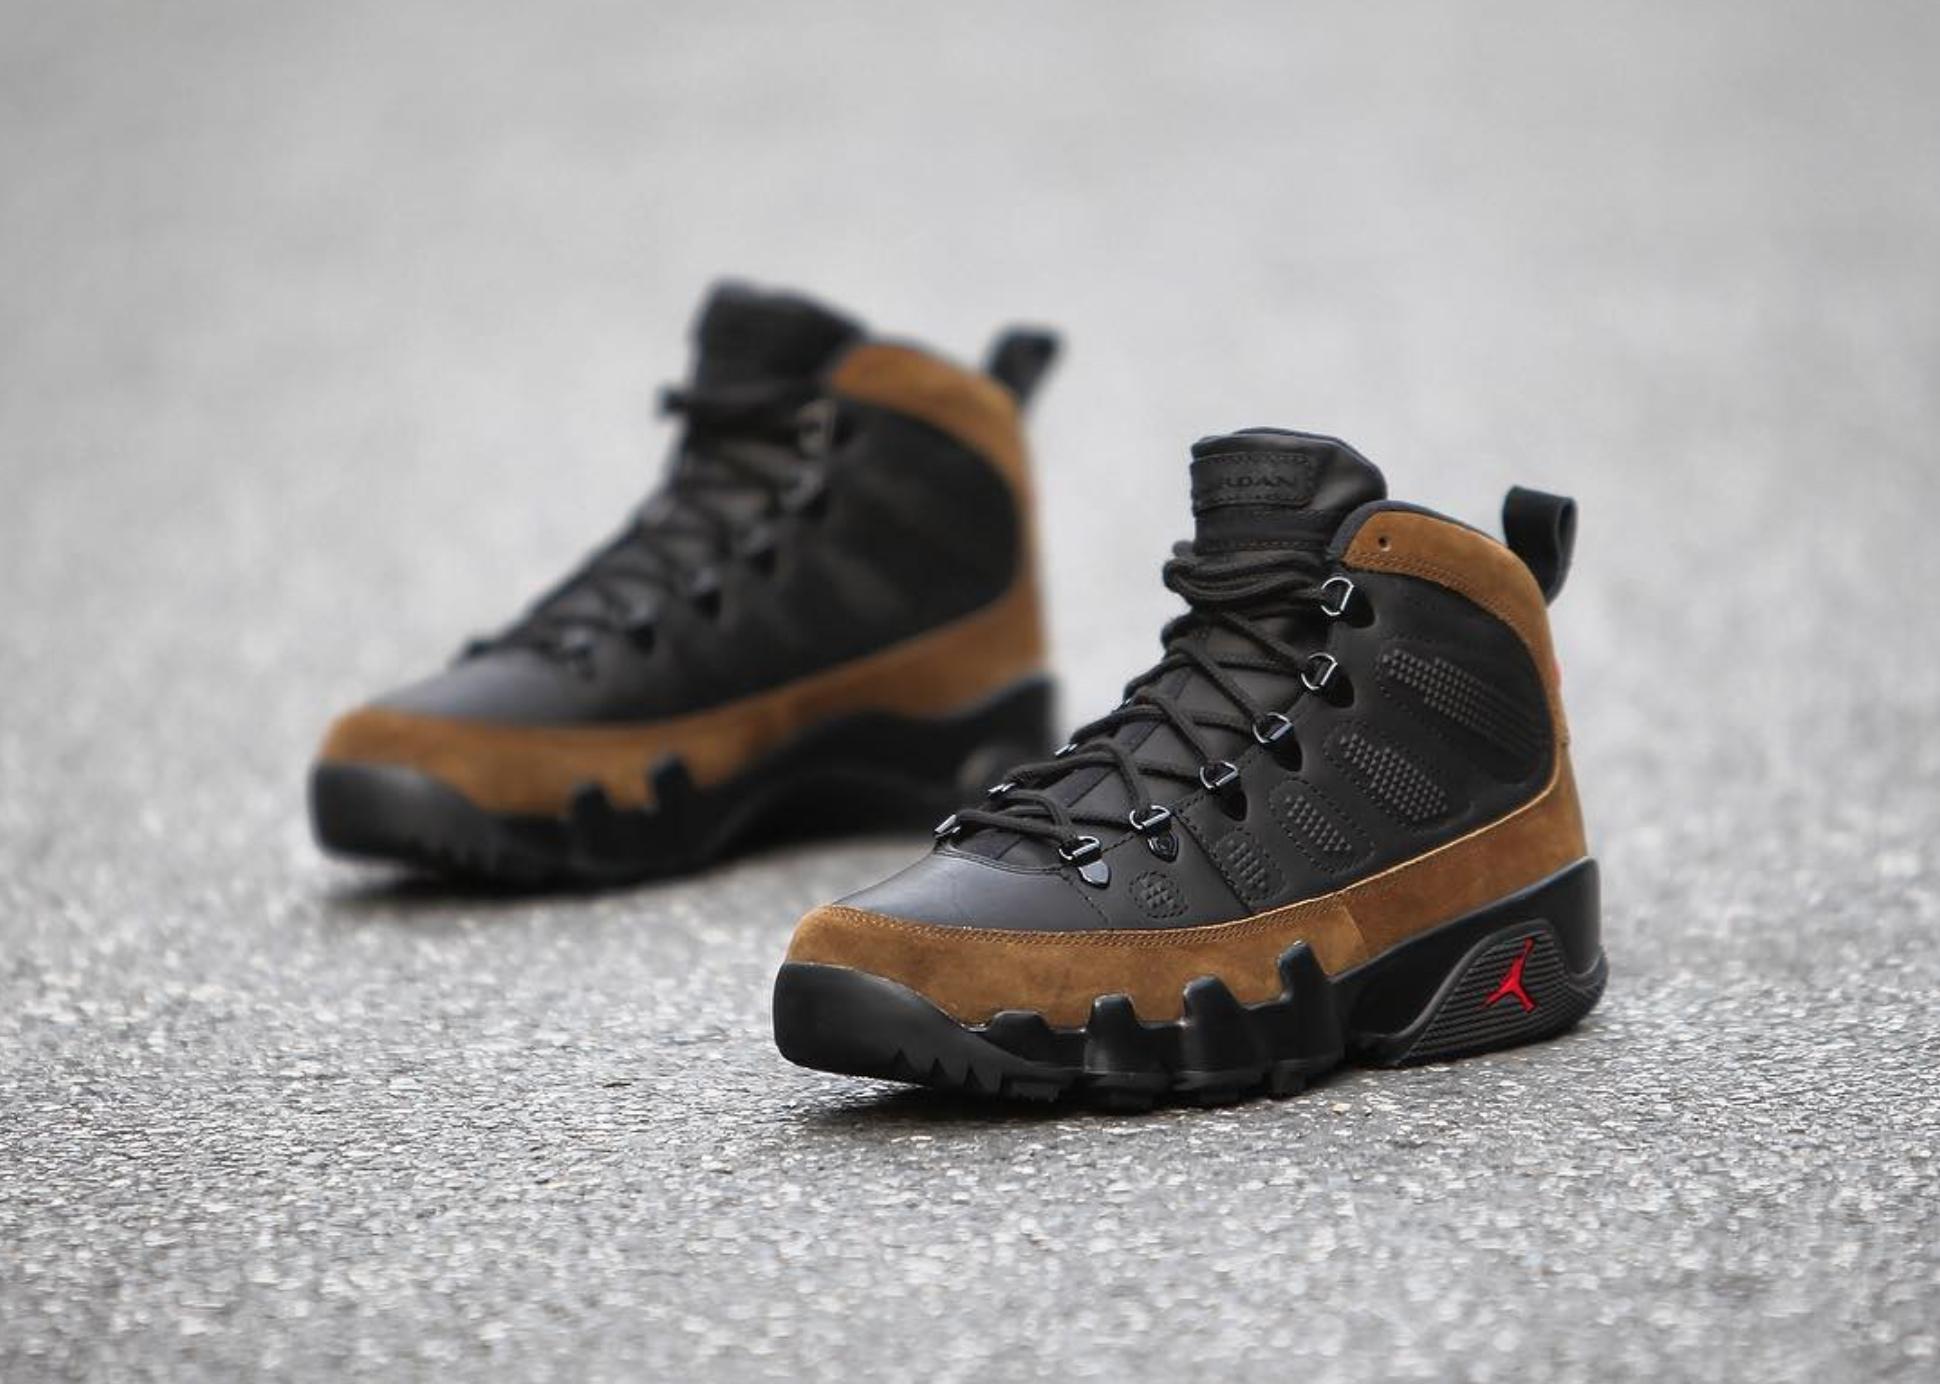 Winterized Air Jordan 9 NRG Boot 10